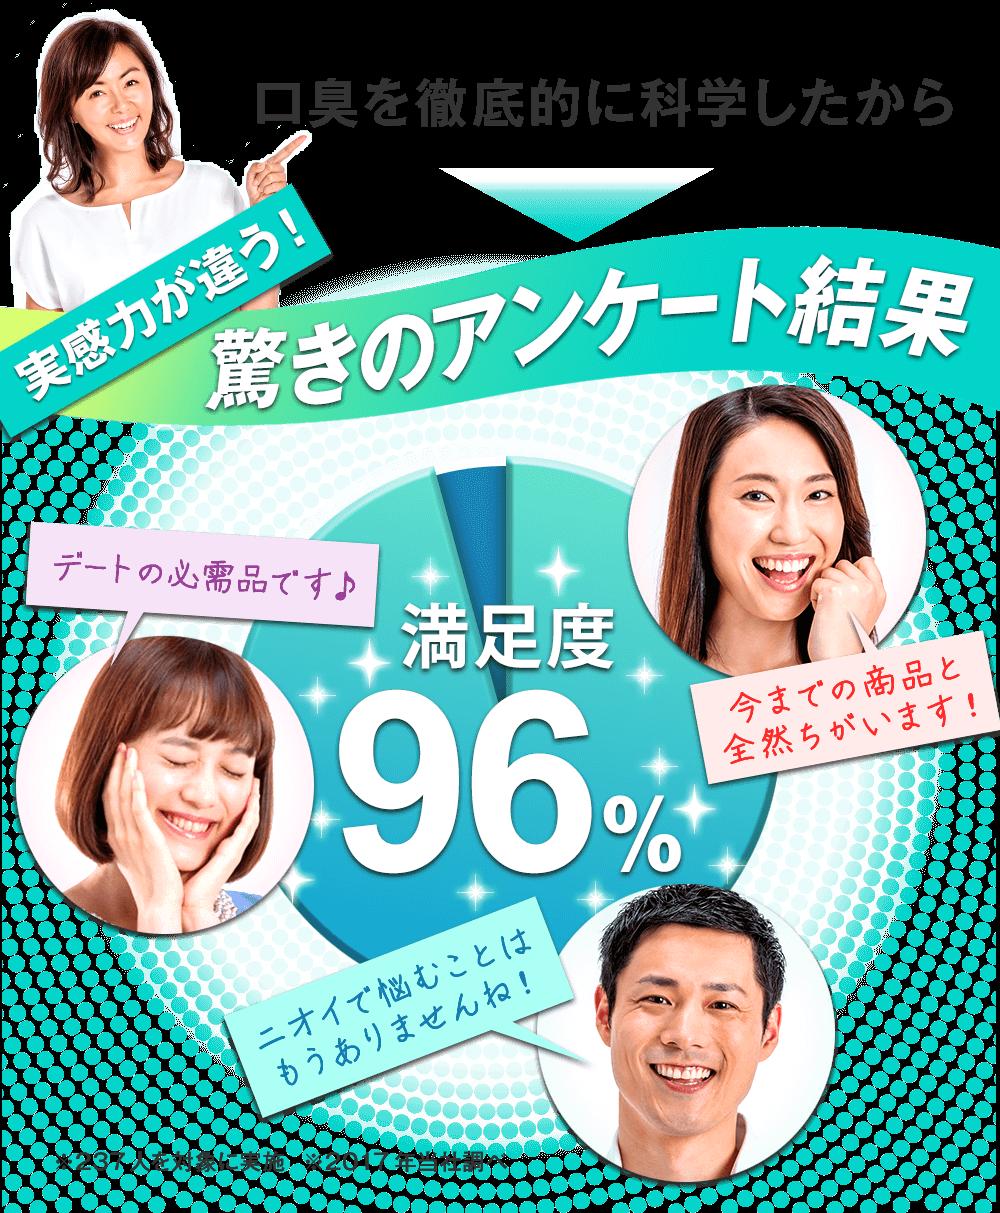 『ブレッシュ』が実感力が違う、と話題!ご愛用者の96%が満足、驚きのアンケート結果になりました!